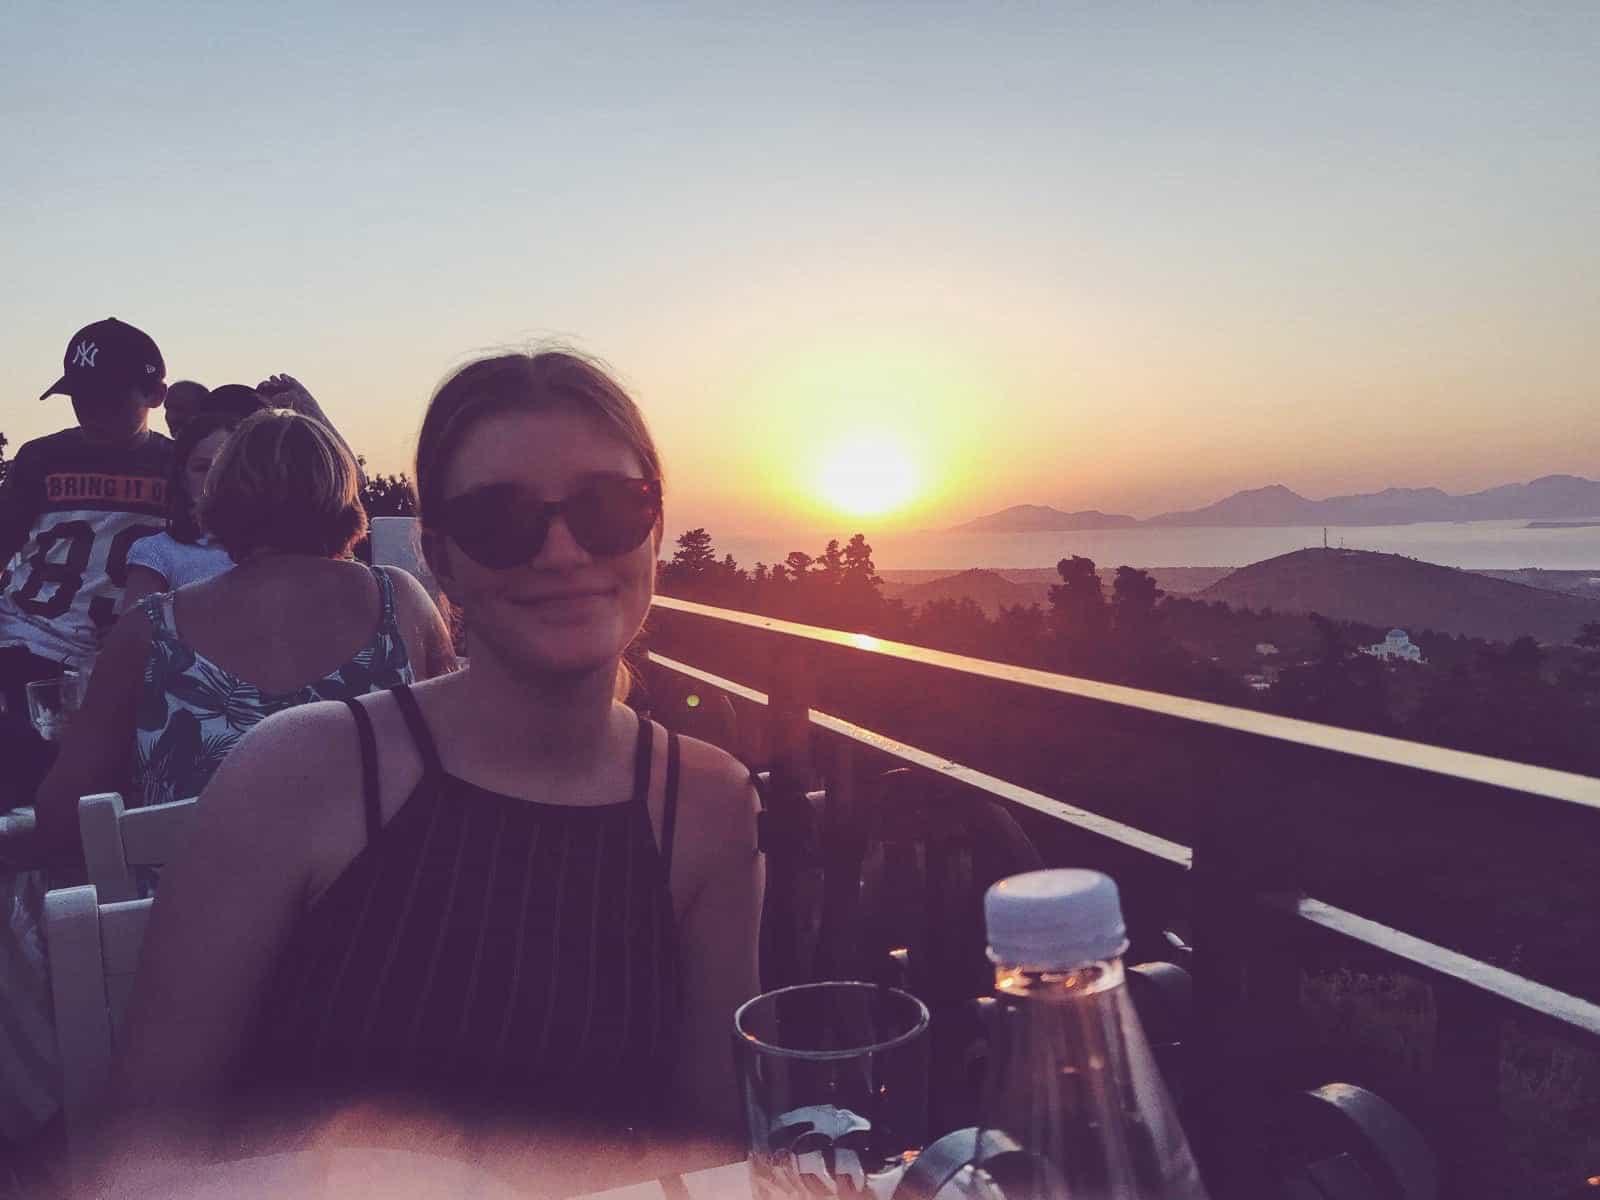 My holiday in Kos, Greece through photos